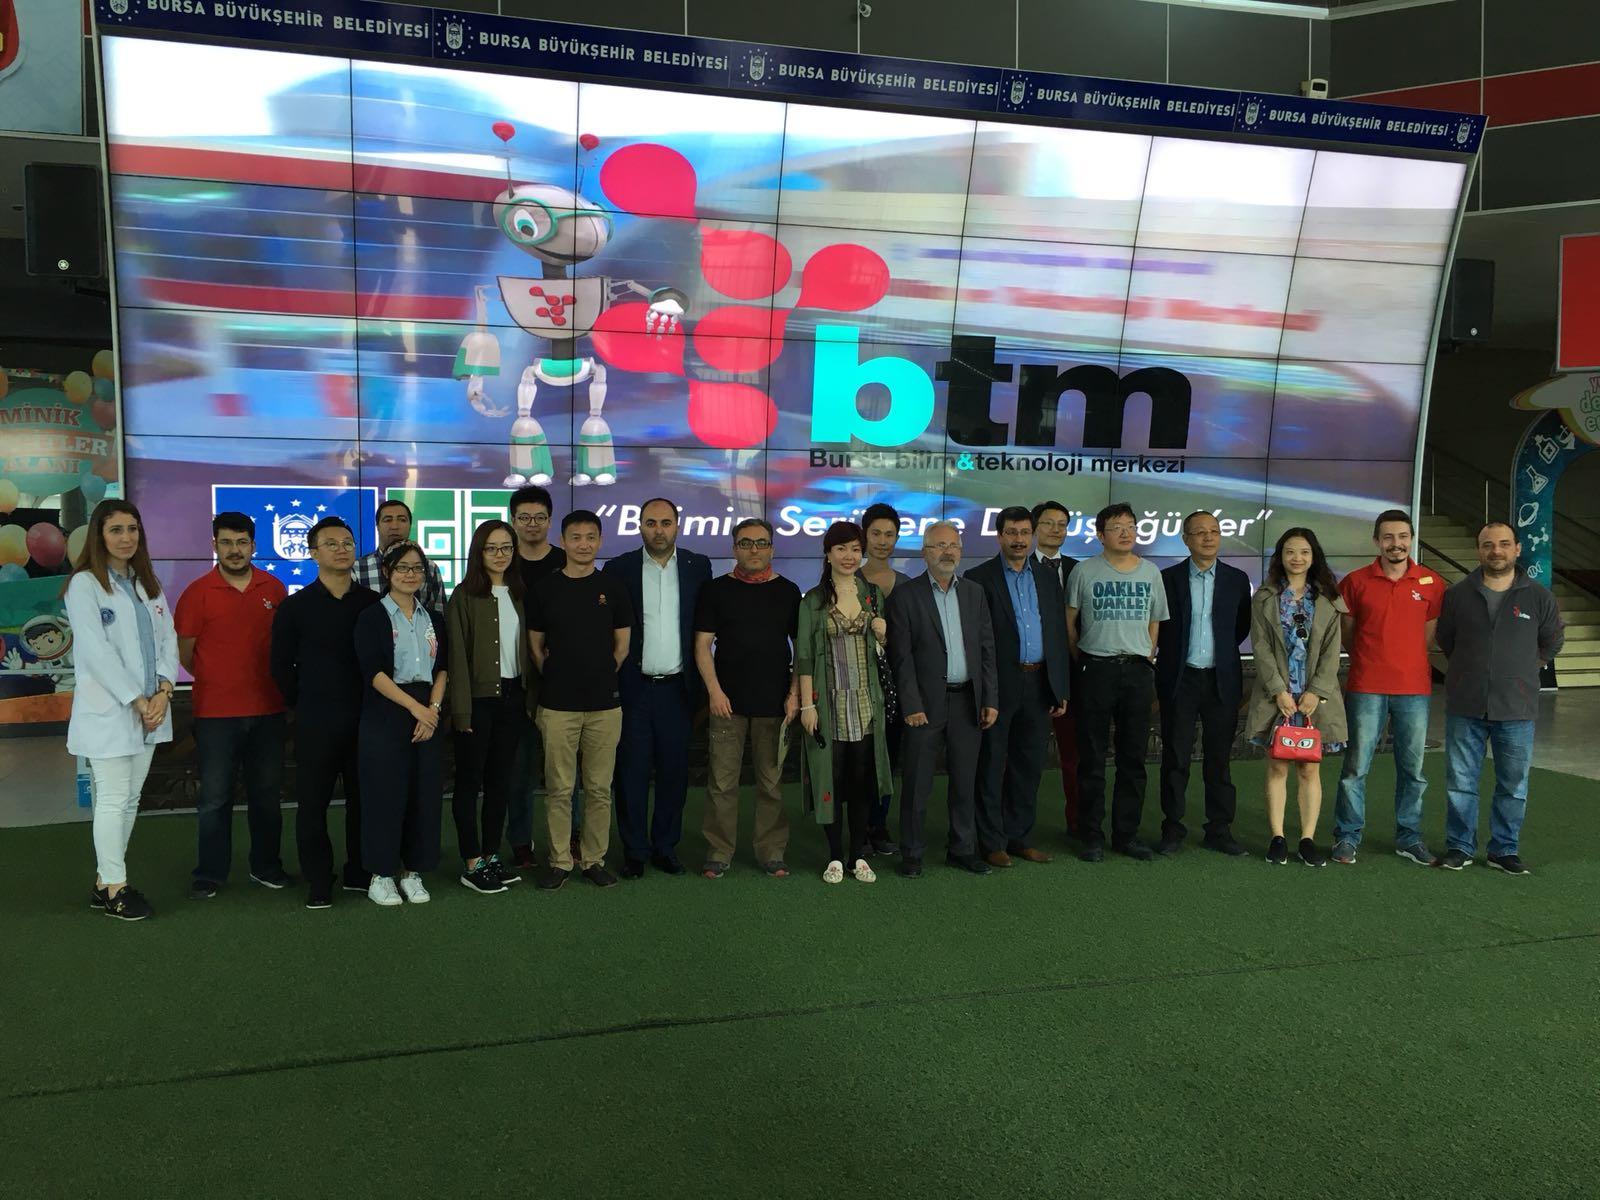 Çinli gazeteciler BTM'ye hayran kaldı